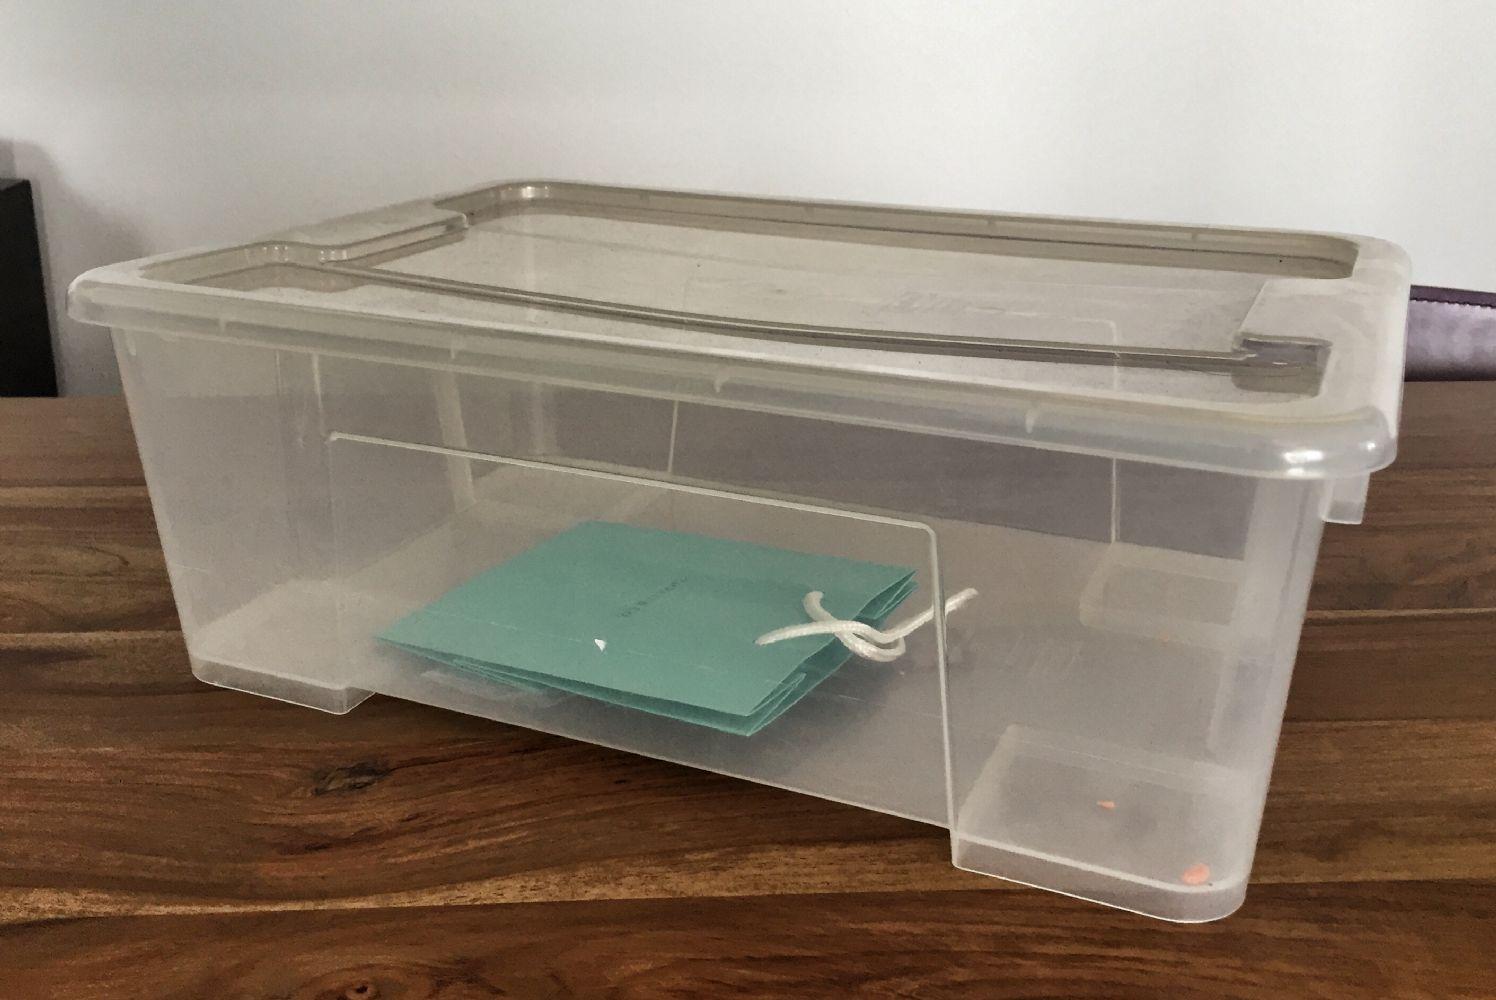 Baratto scambio scatola ikea arredamento complementi d - Ikea complementi d arredo ...